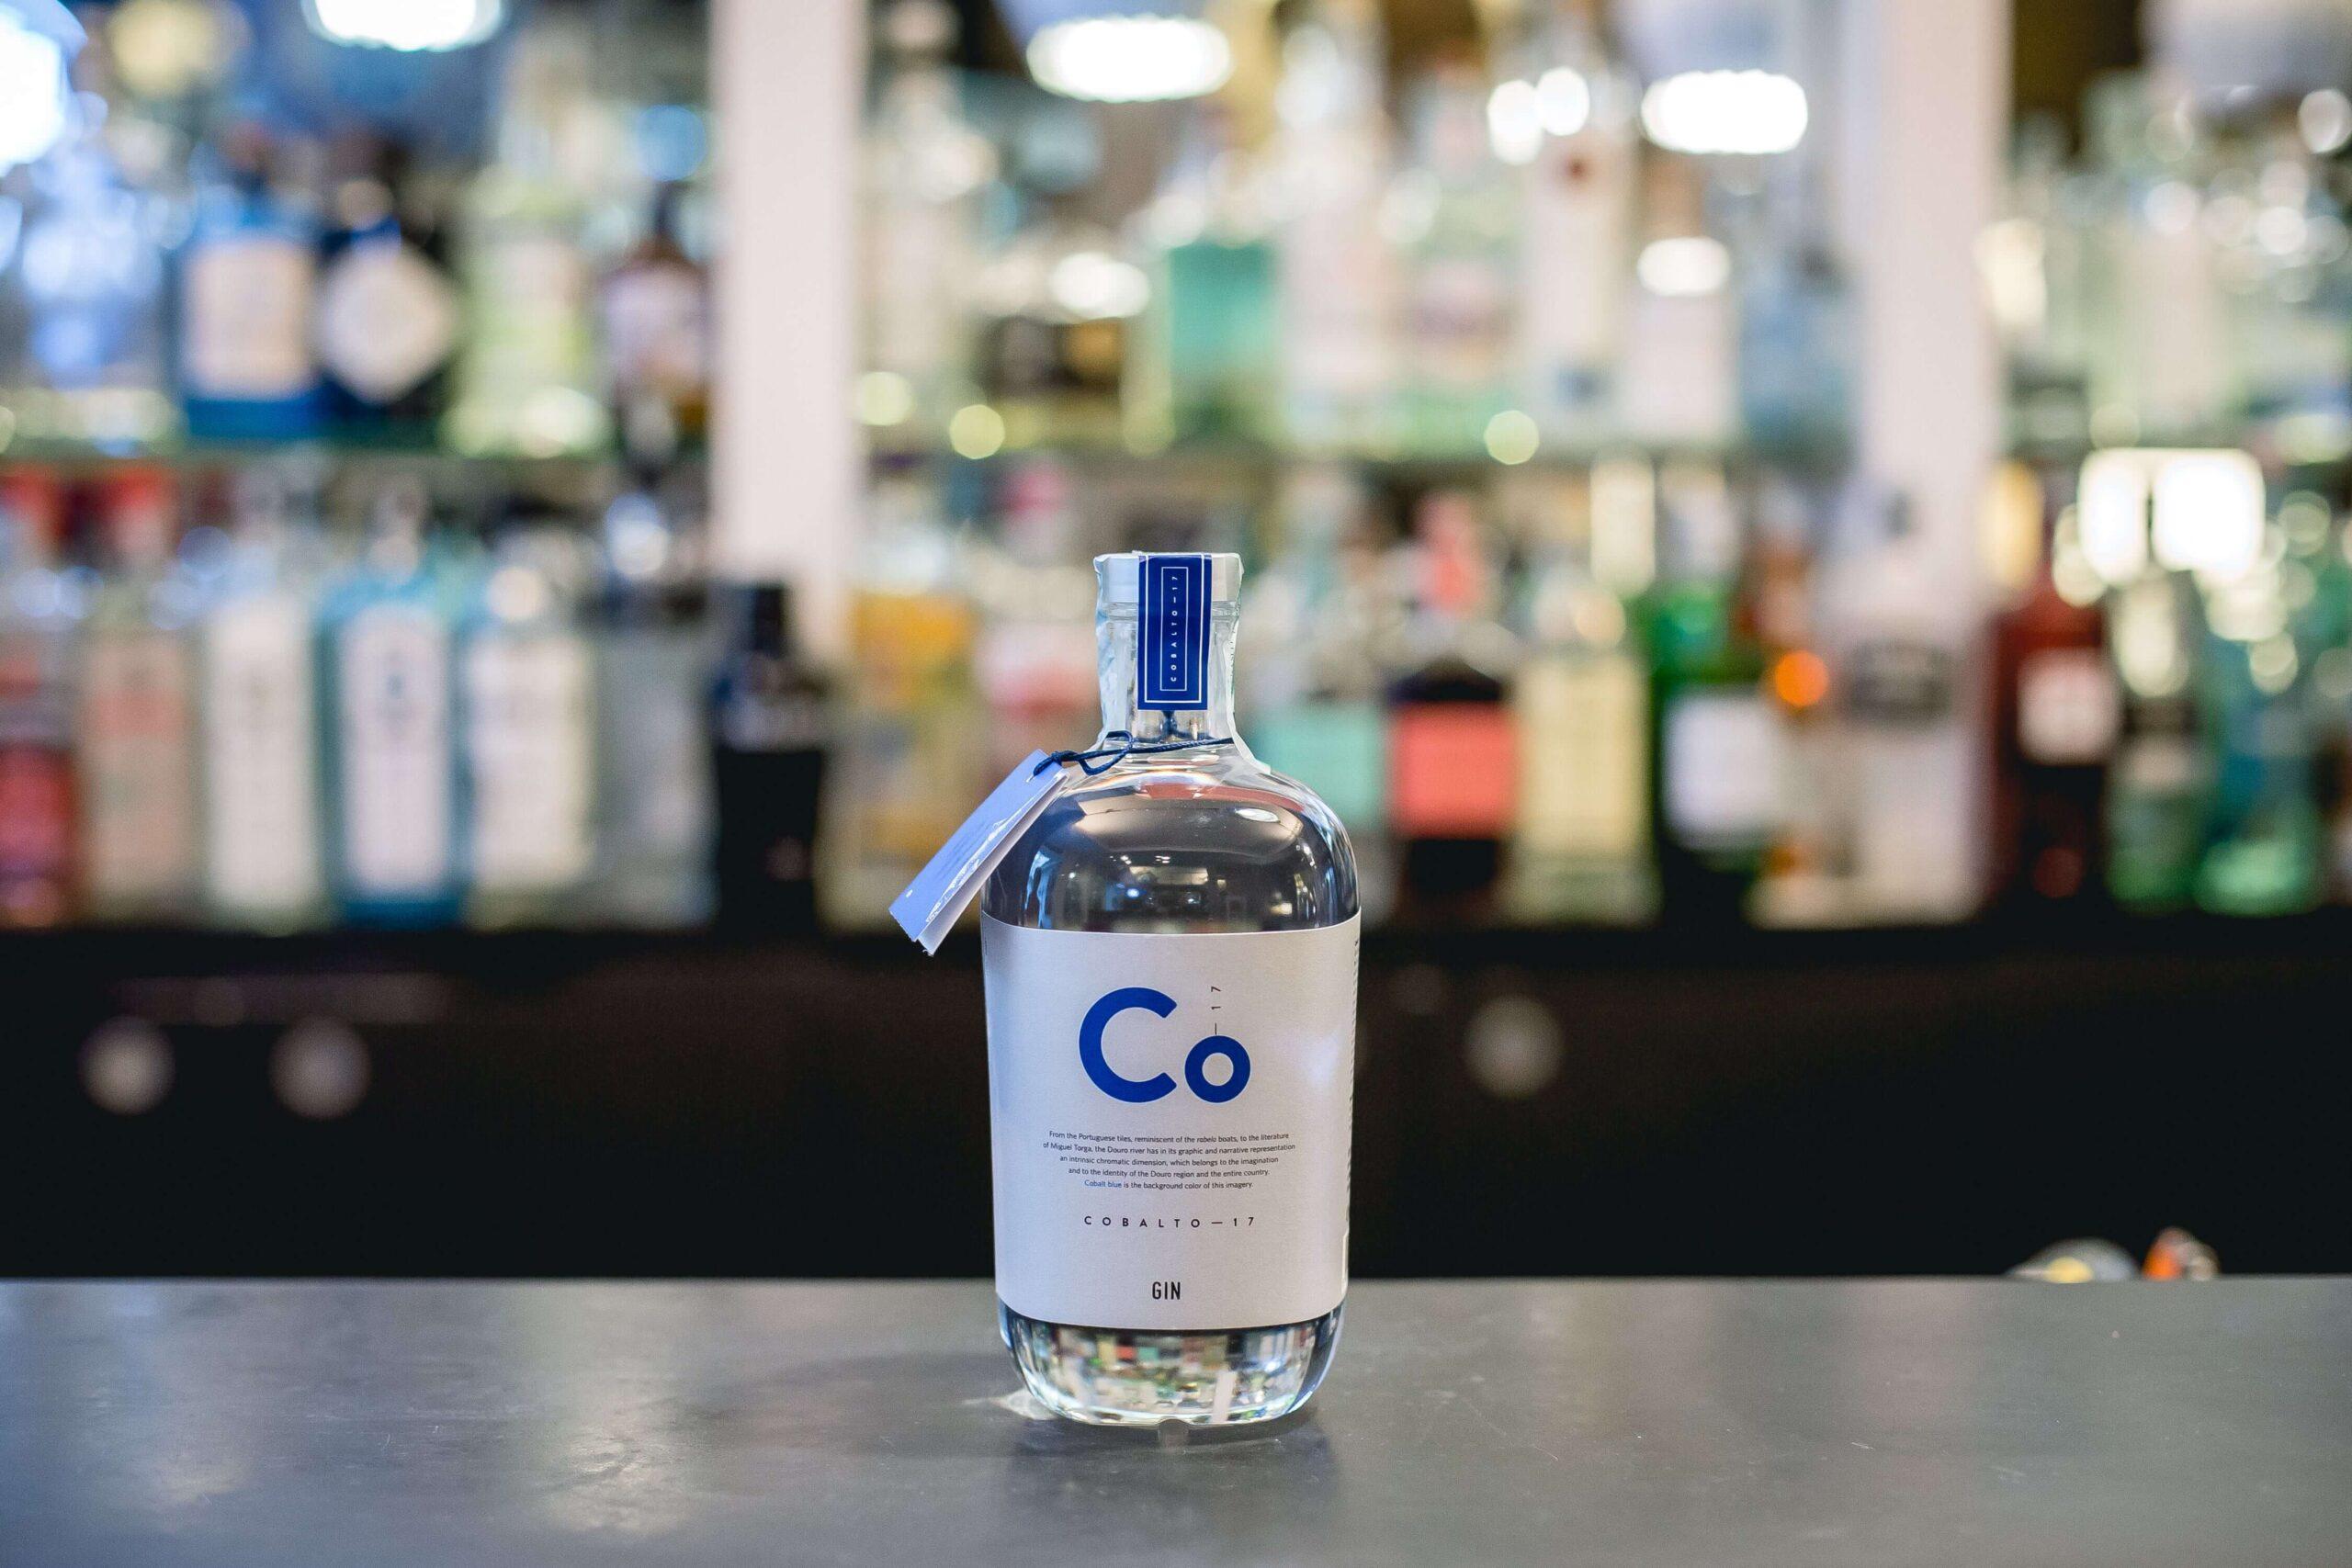 cobalto gin